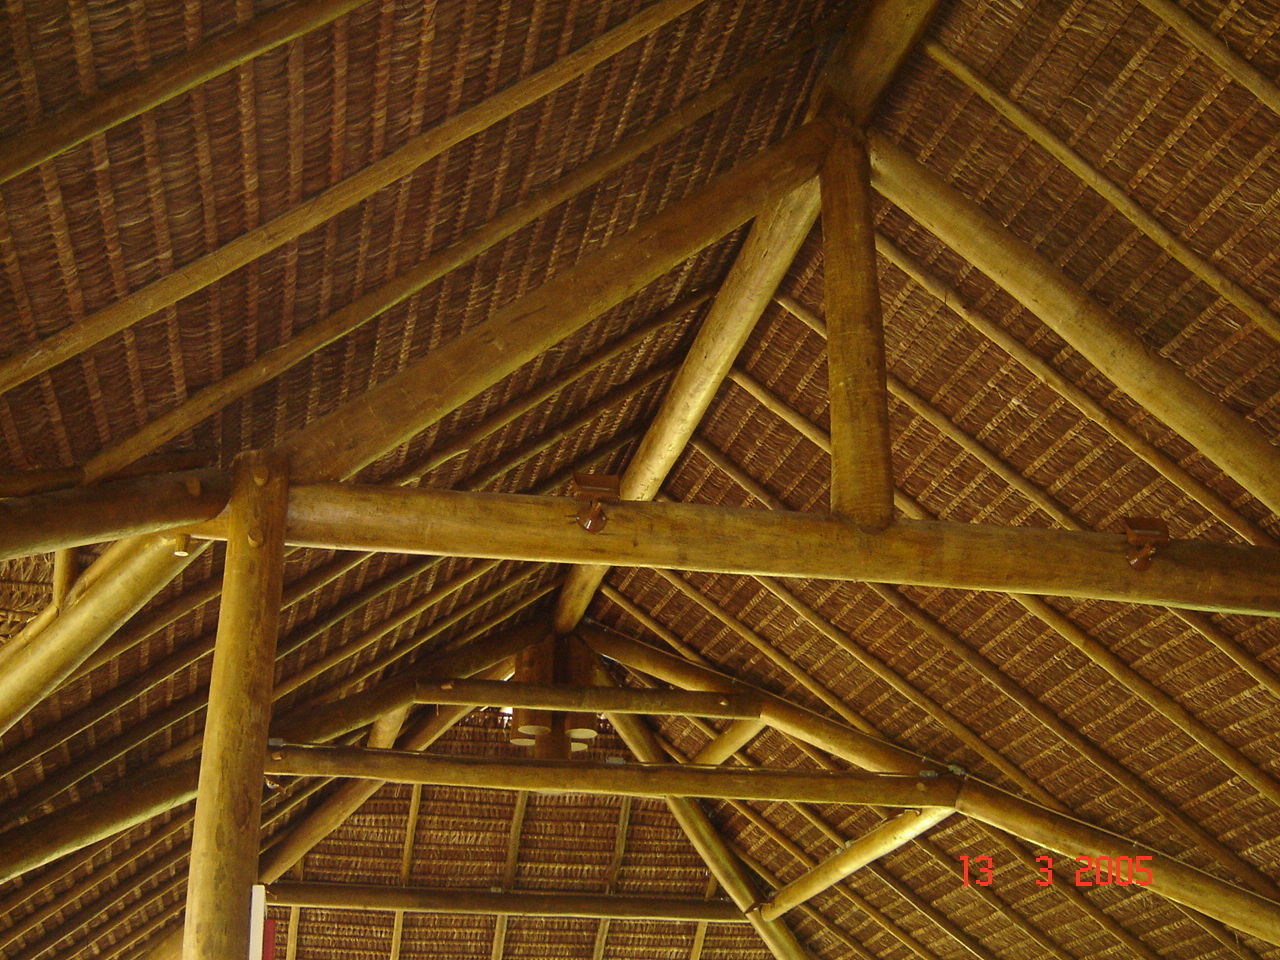 Detalhe estrutura